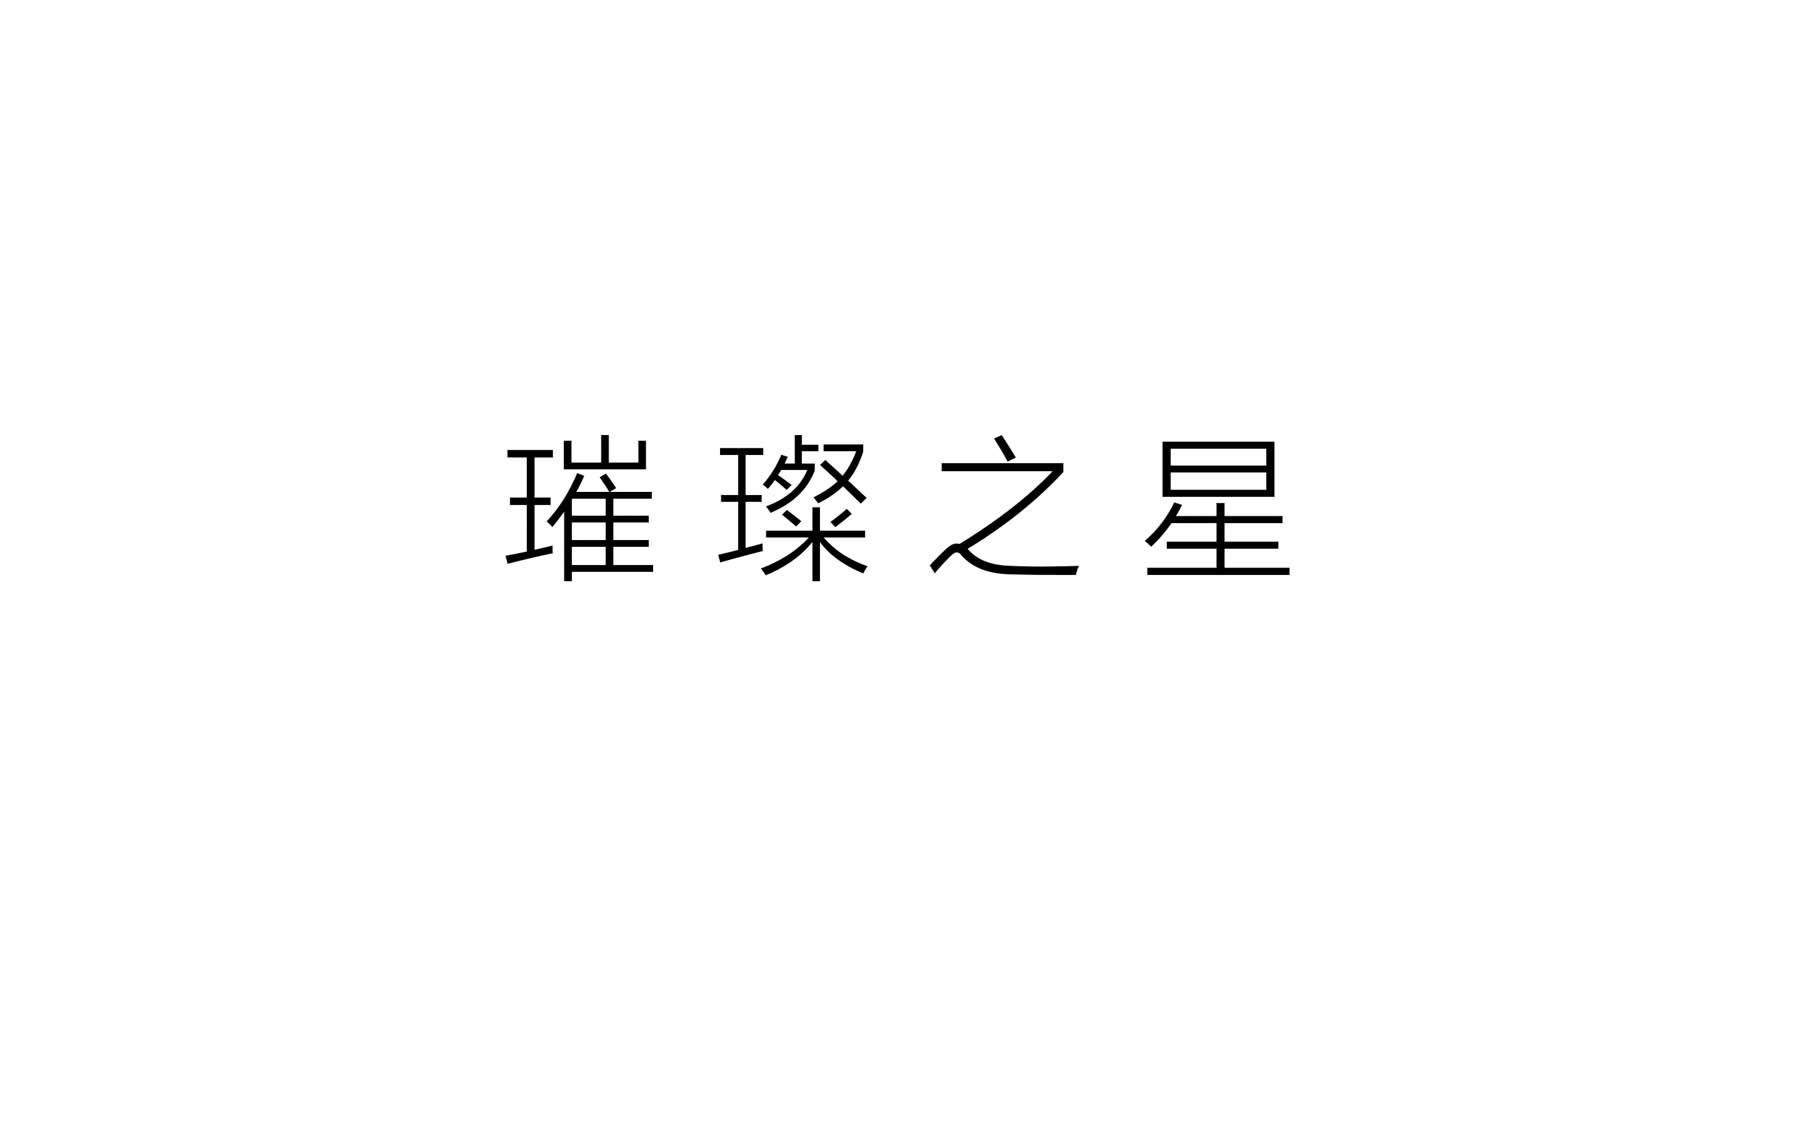 ontata_eveni_03